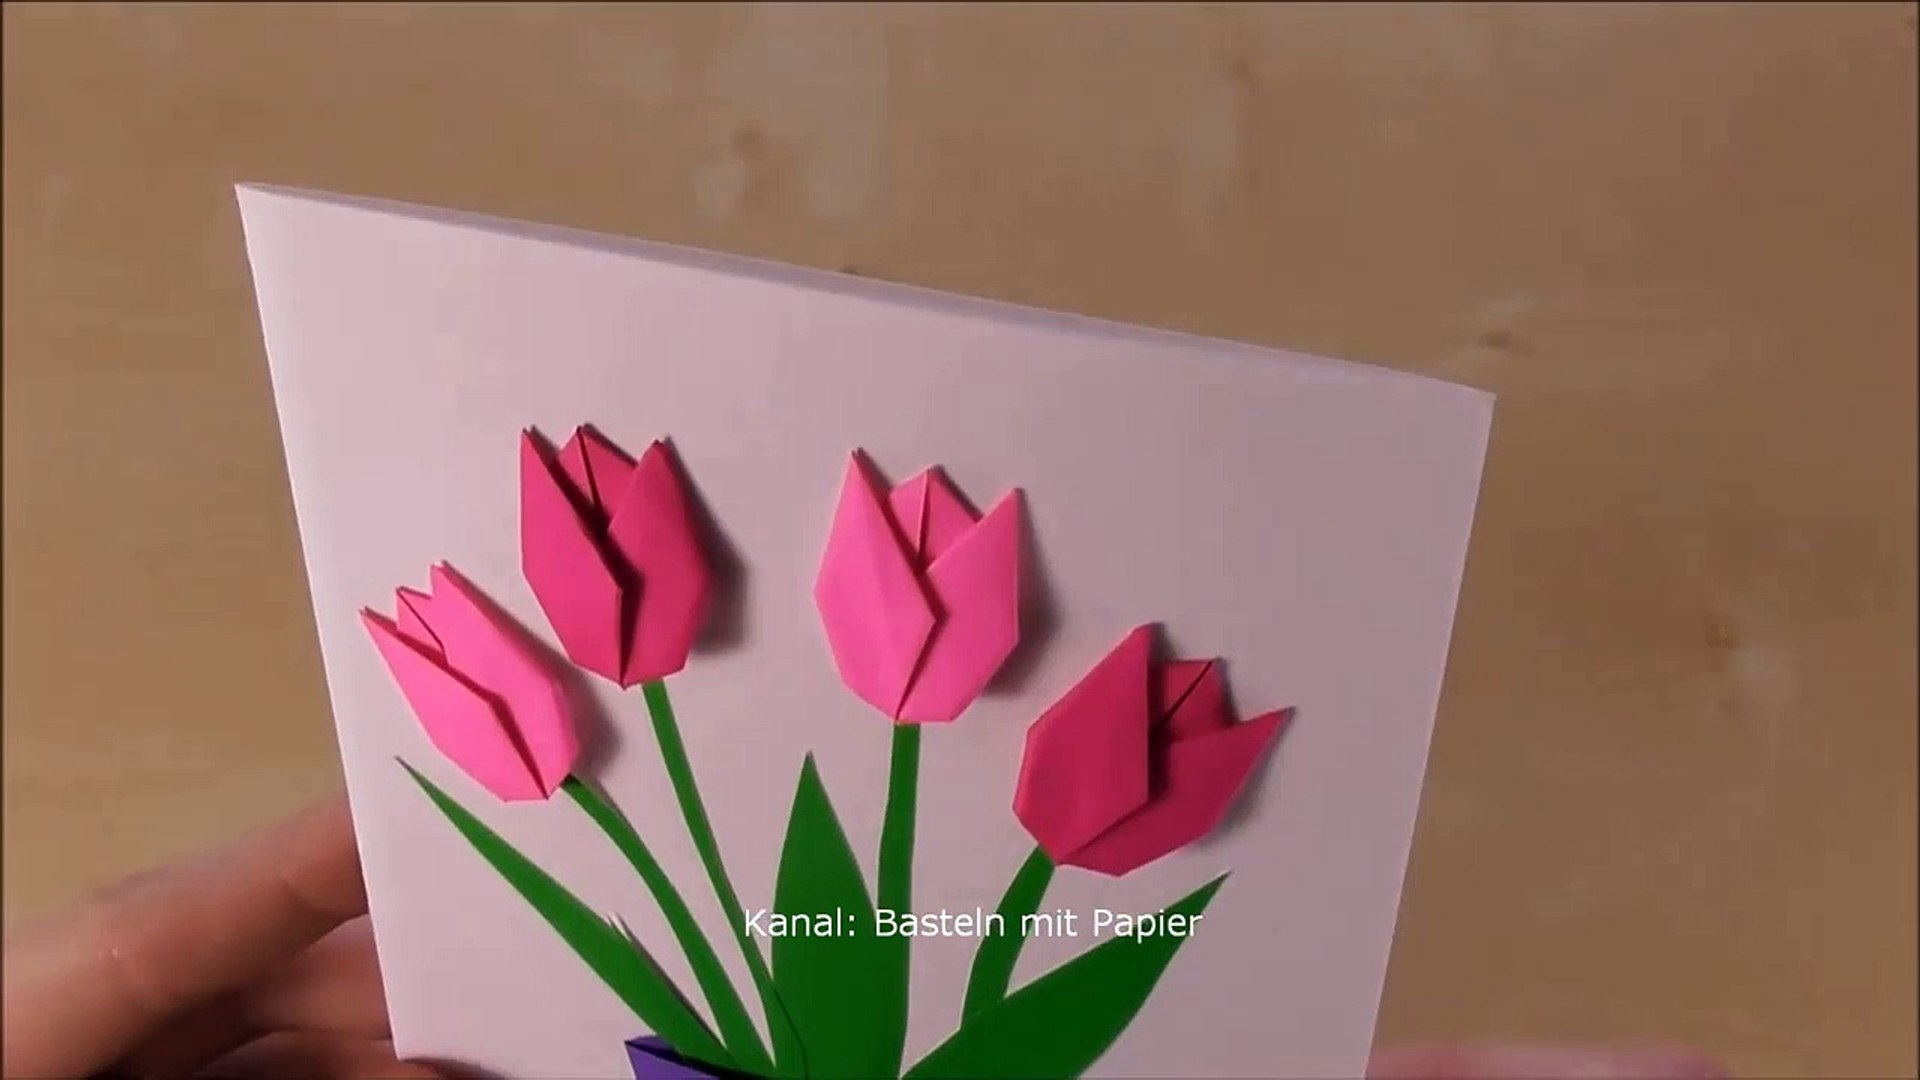 بطاقة تهنئة للاطفال ثلاثية الابعاد هناك فكرتين في الفيديو يمكنك تطبيقهم في فكرة واحدة فيديو Dailymotion